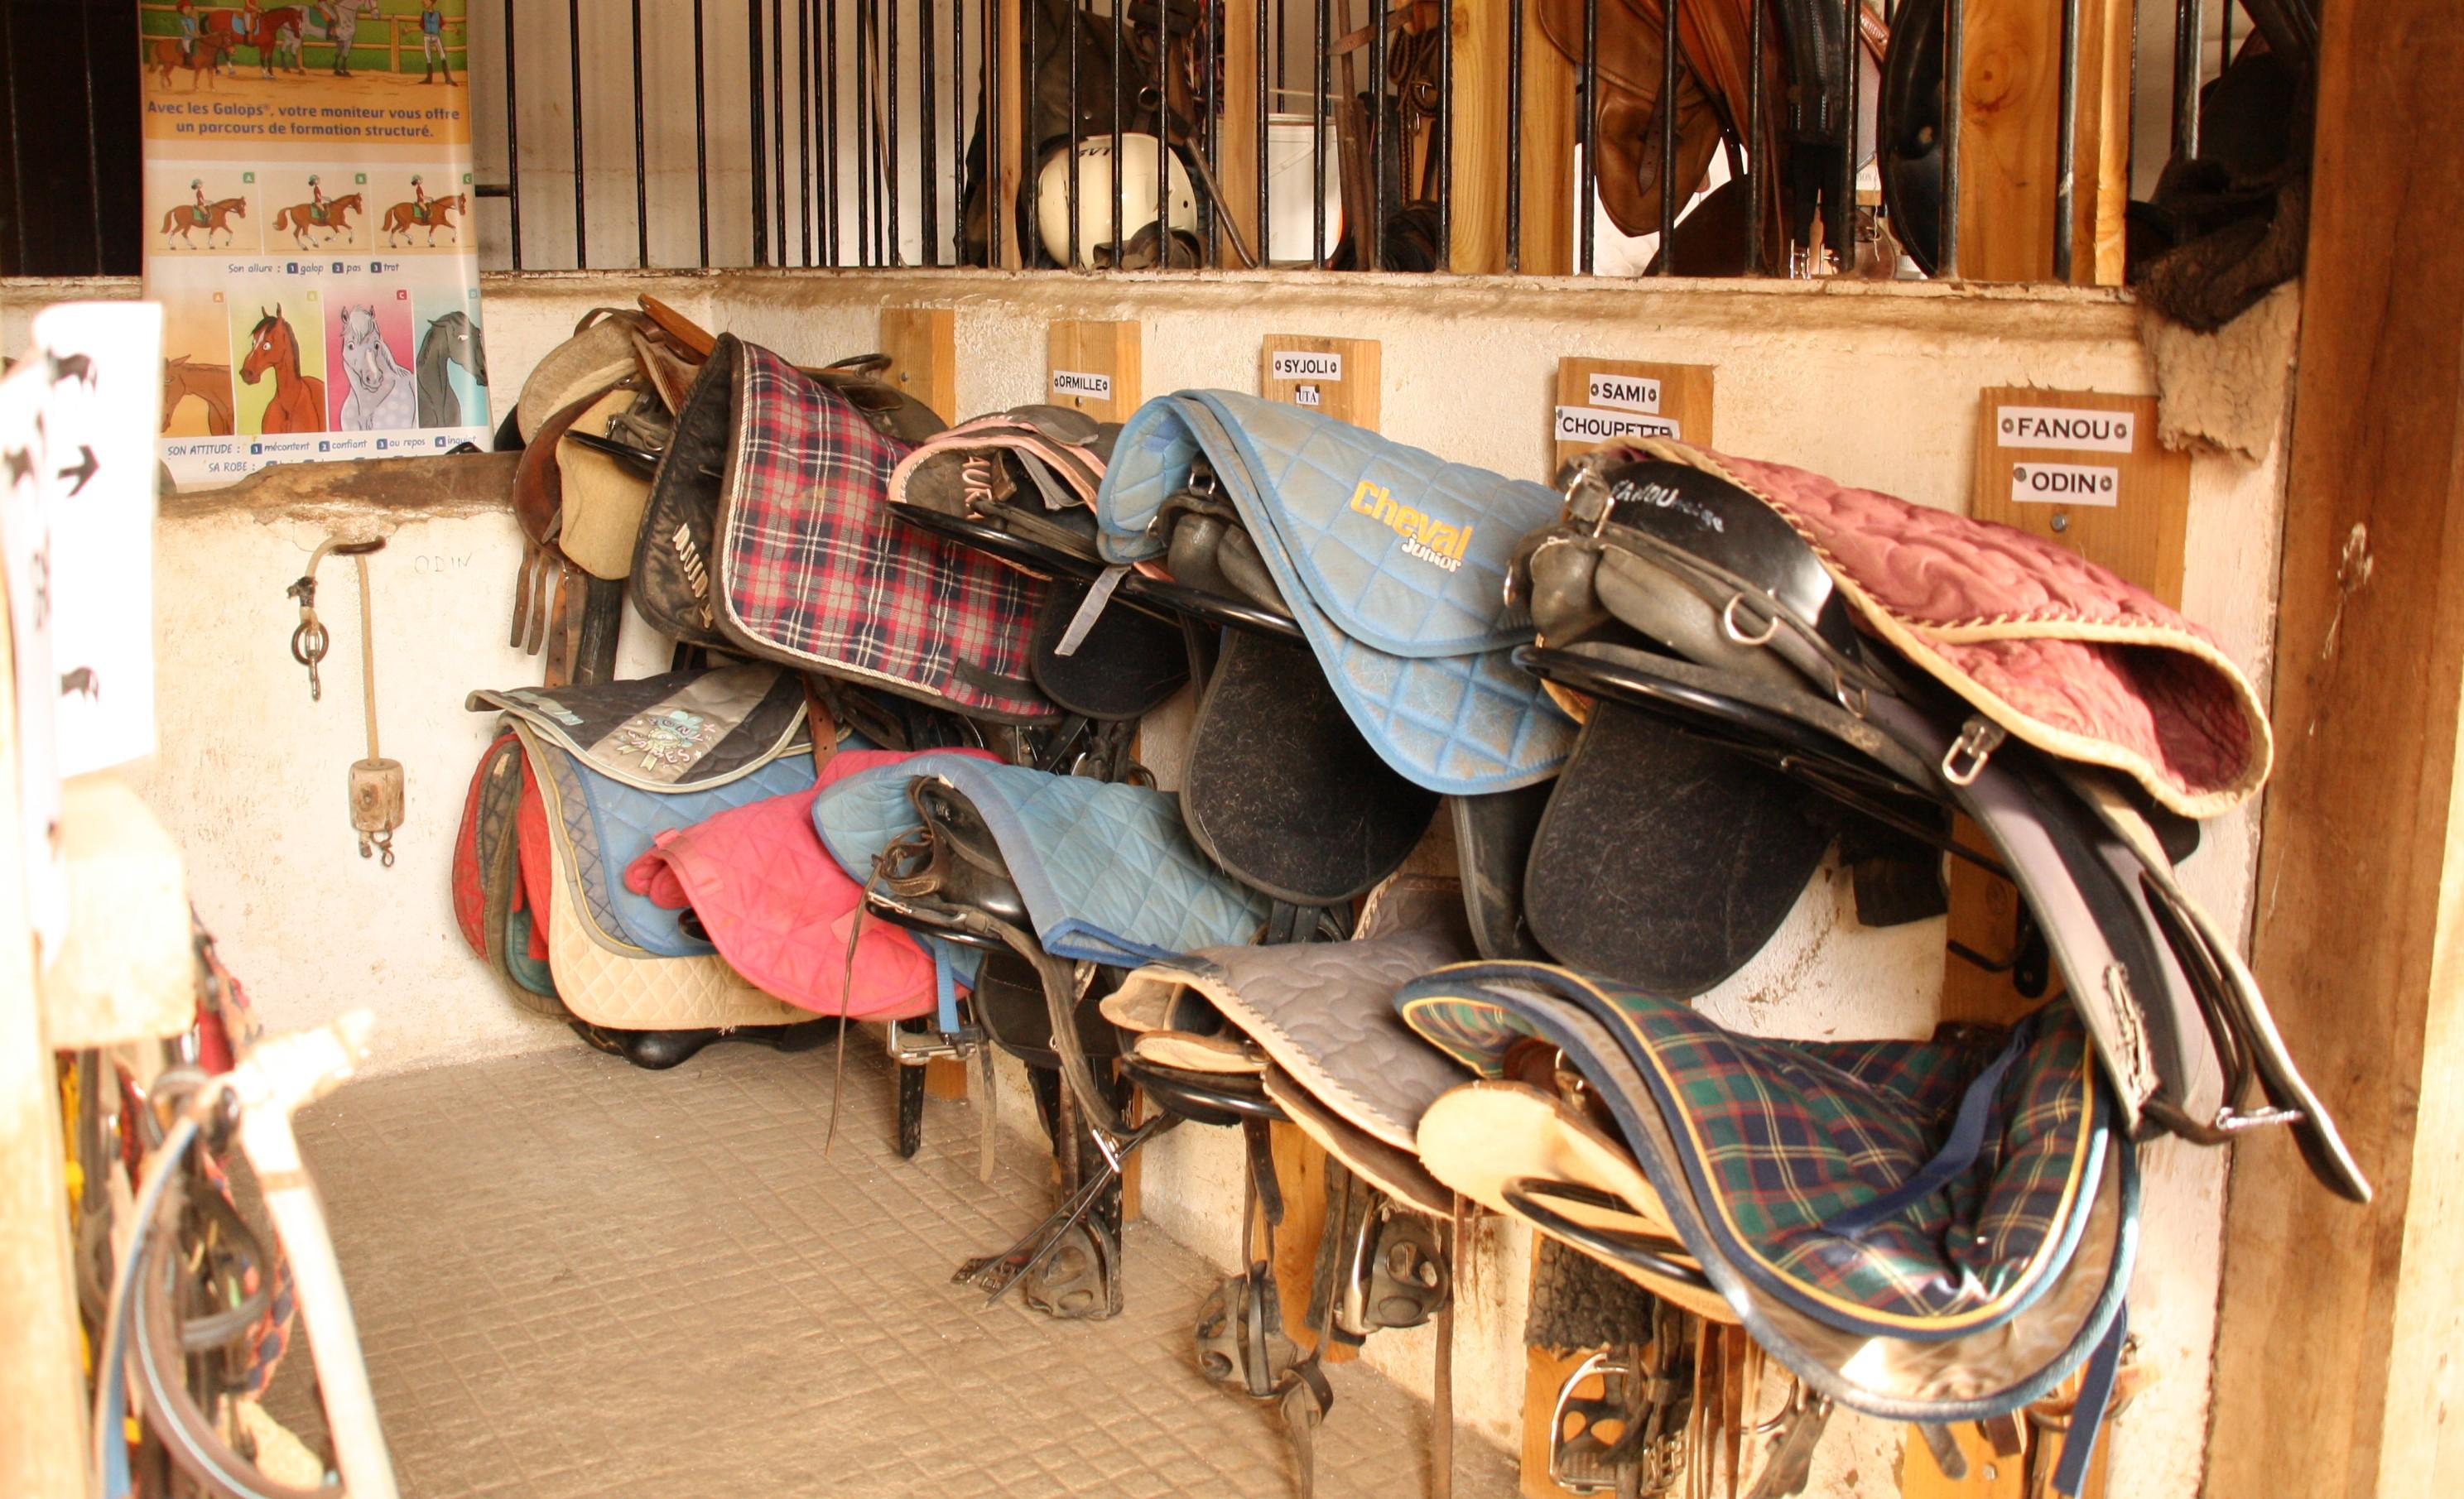 Ecuries de Seuzac sellerie shetland